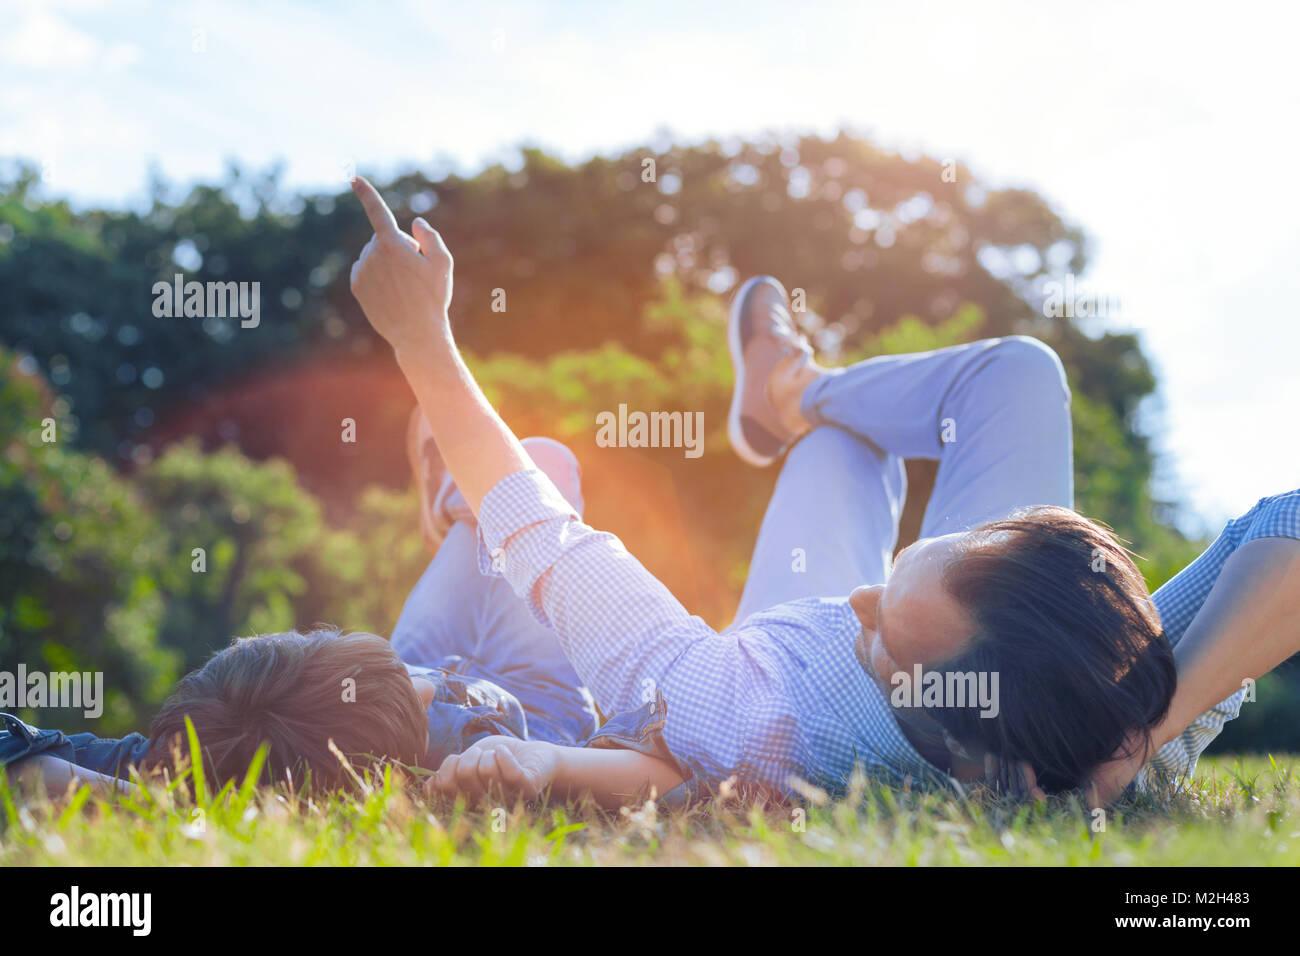 Père et fils bénéficiant d'agréable conversation à l'extérieur Photo Stock